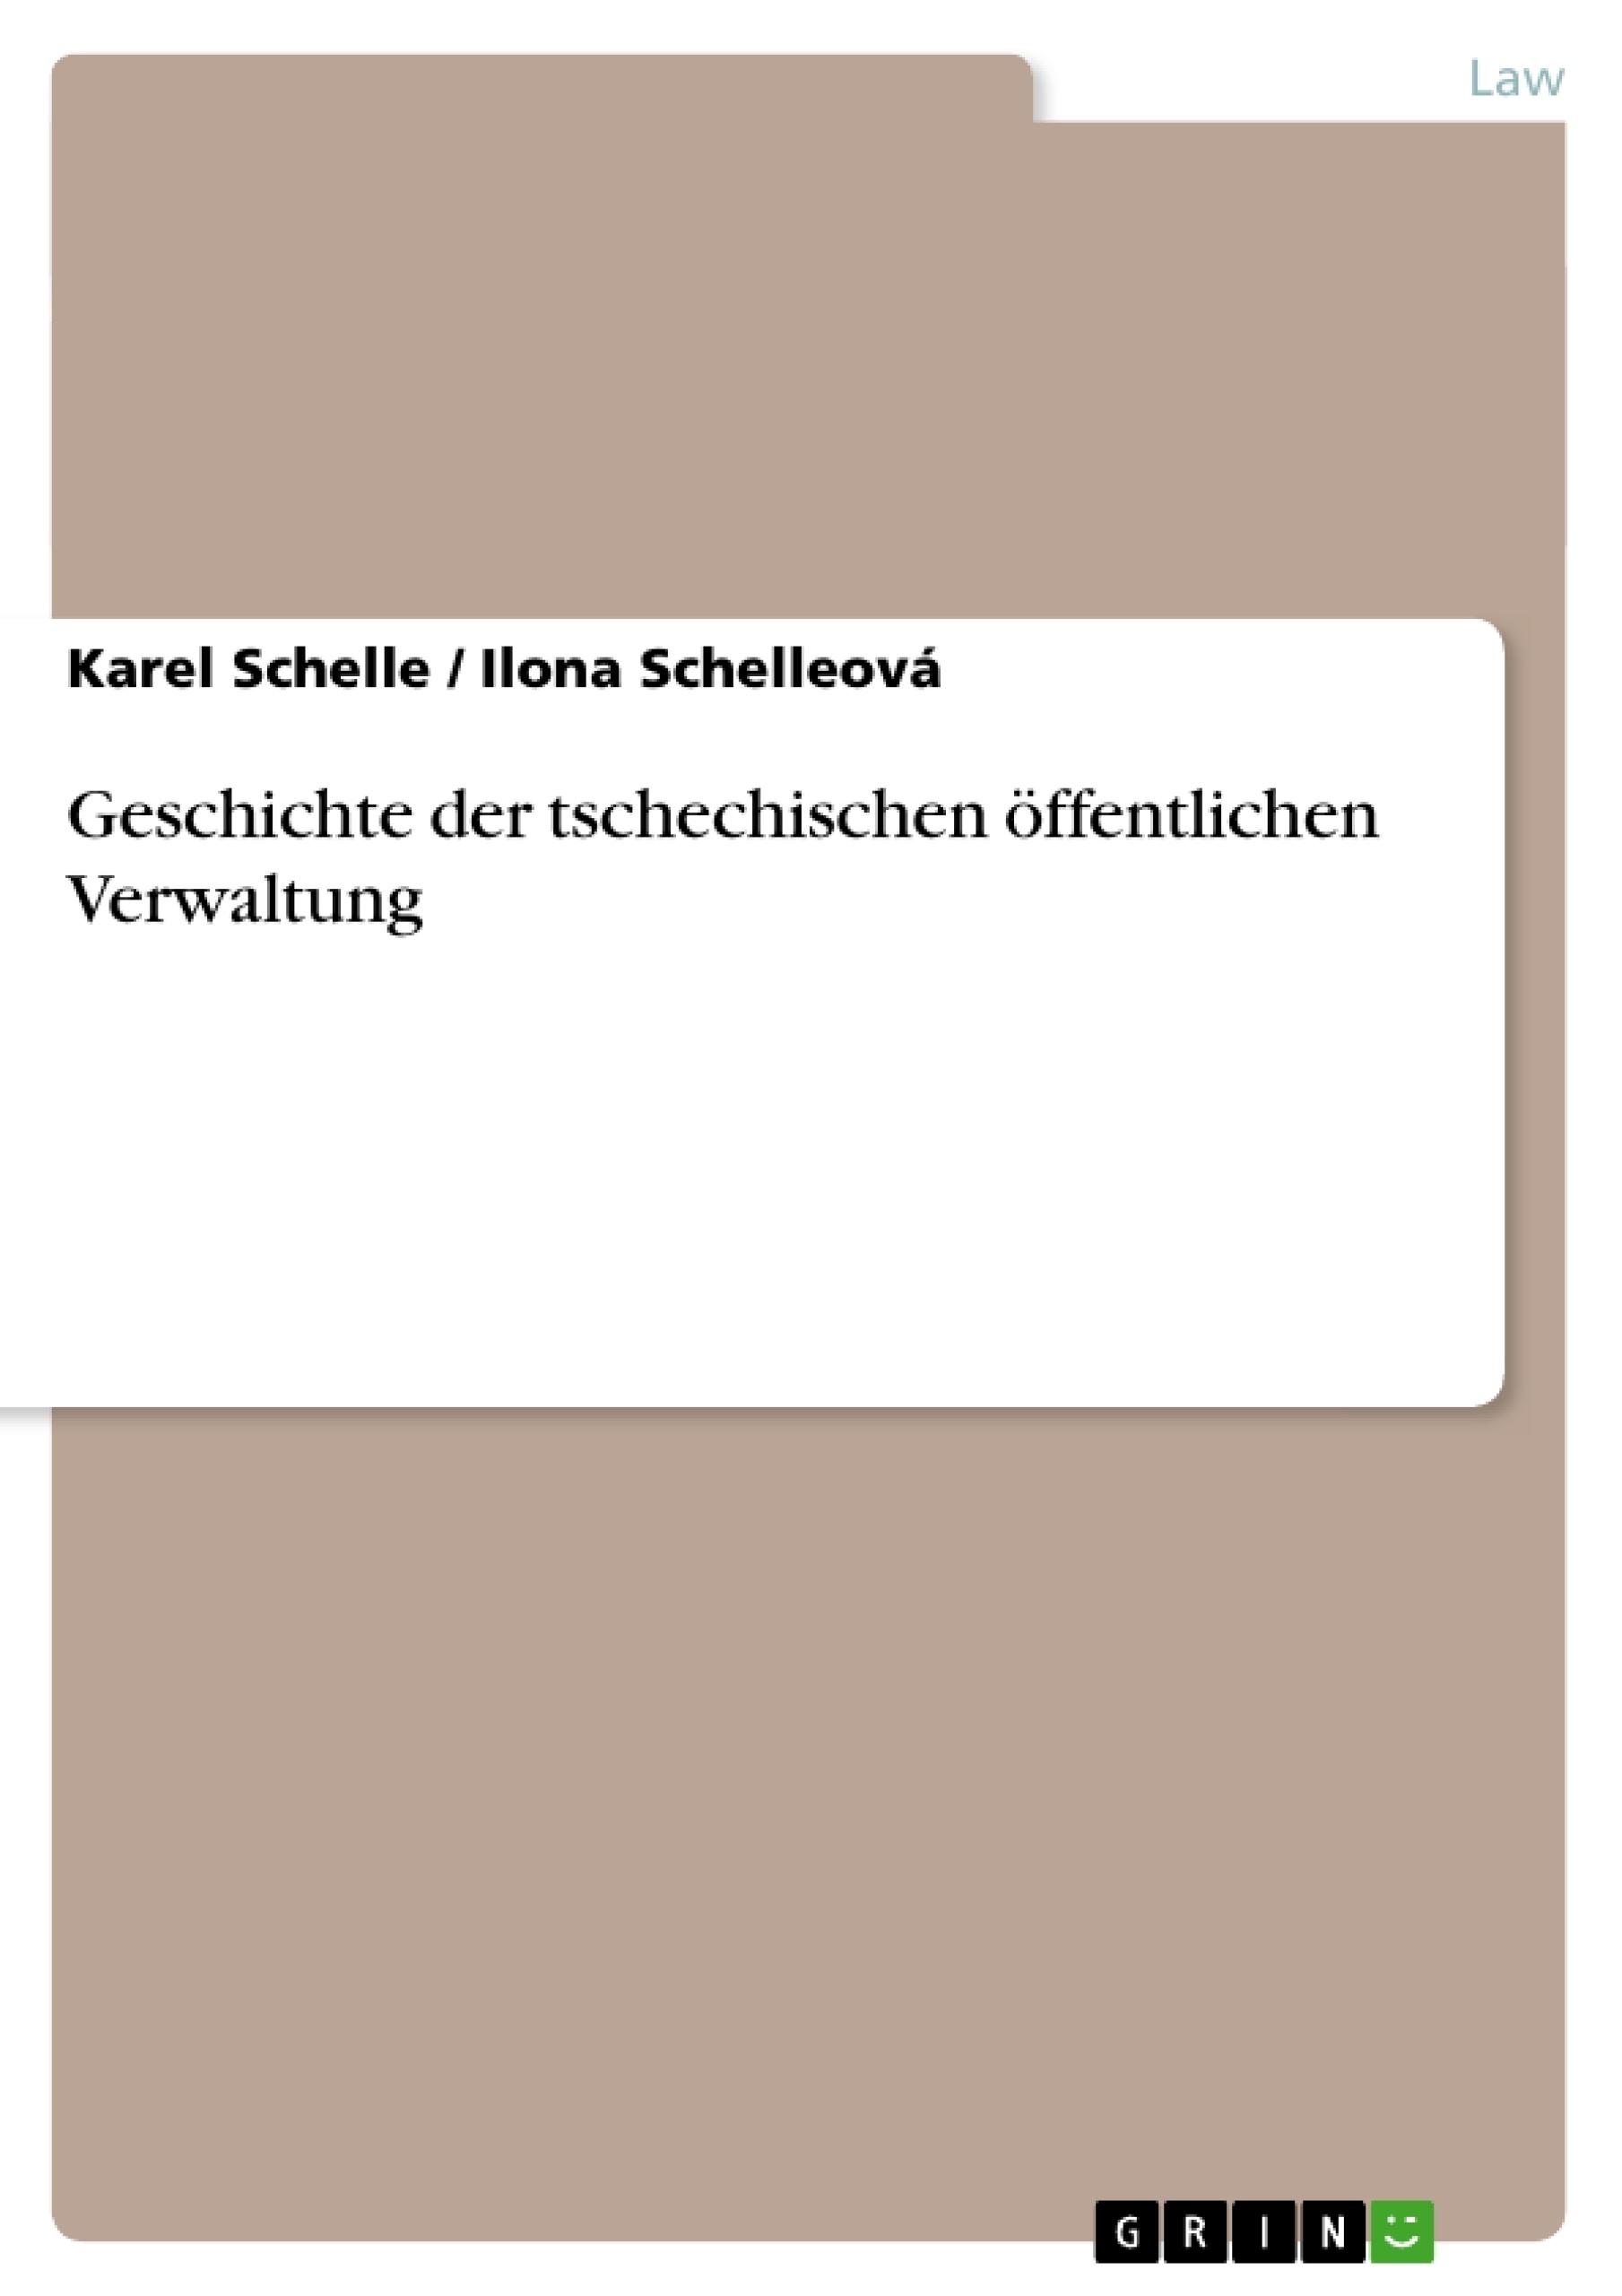 Title: Geschichte der tschechischen öffentlichen Verwaltung